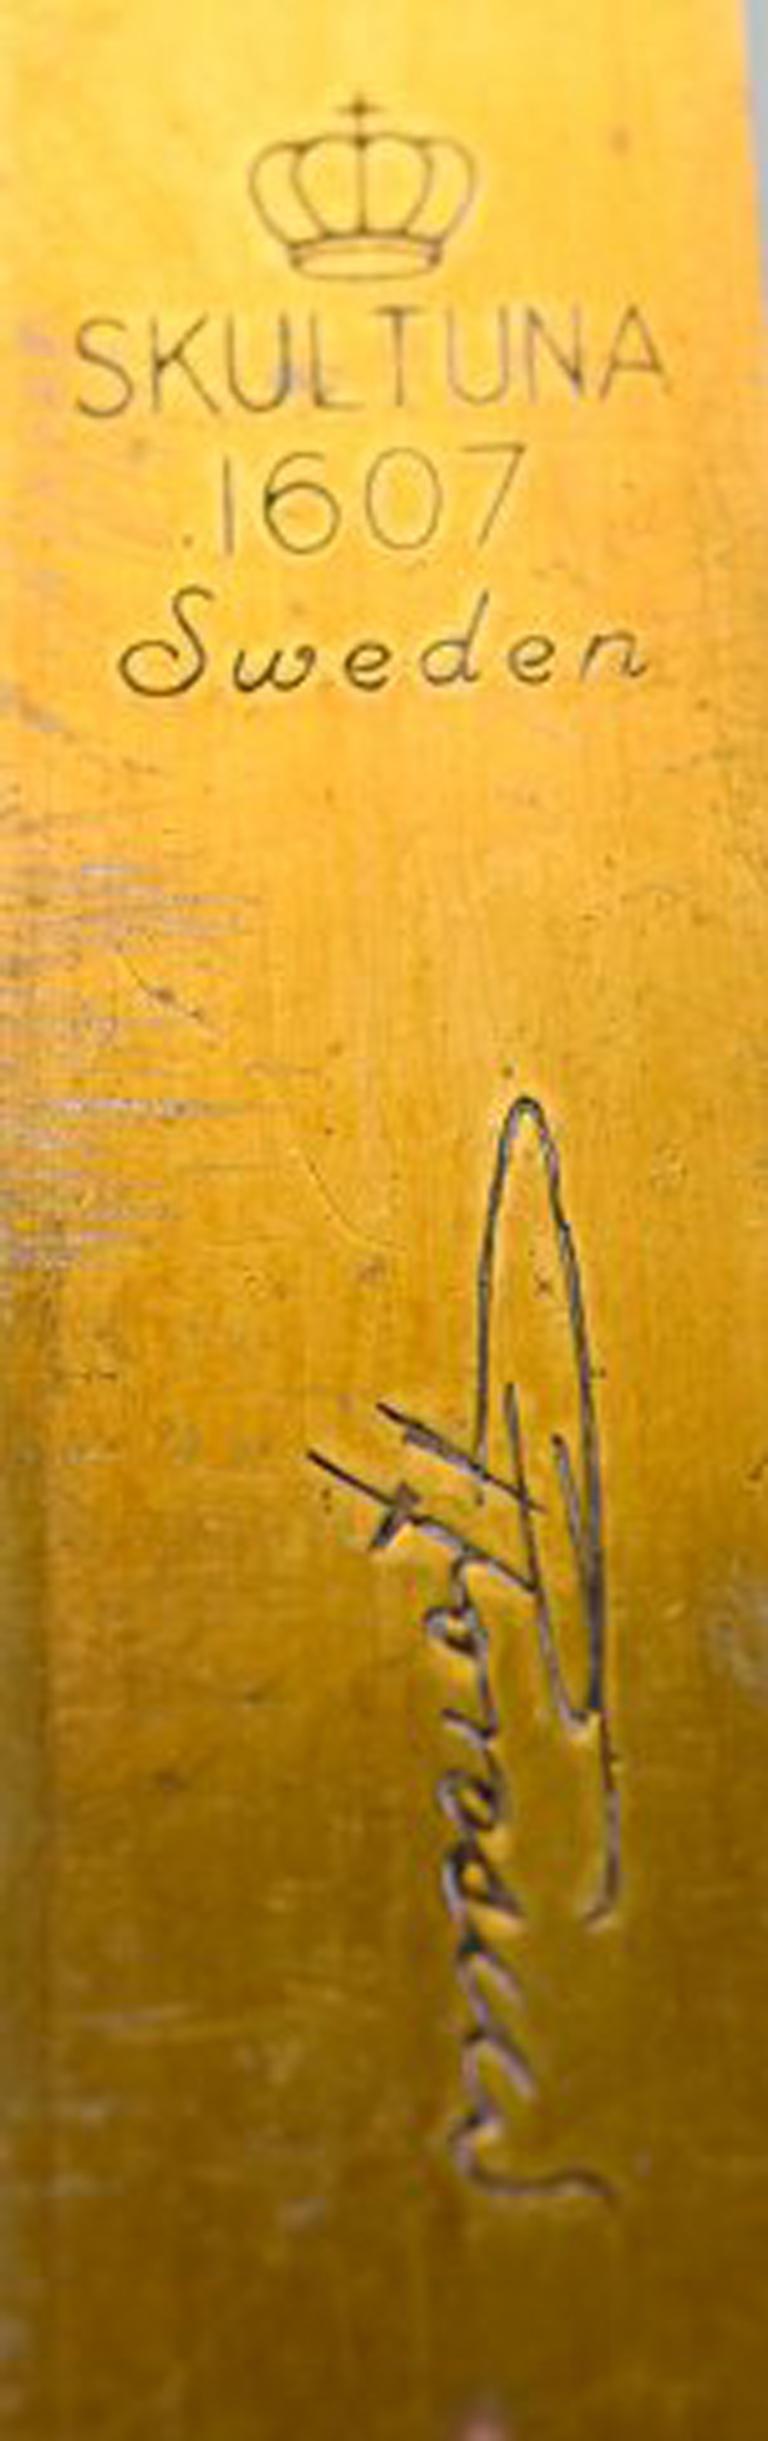 Pair of Skultuna, Sweden, Brass Candlesticks, Model 1607 For Sale 1